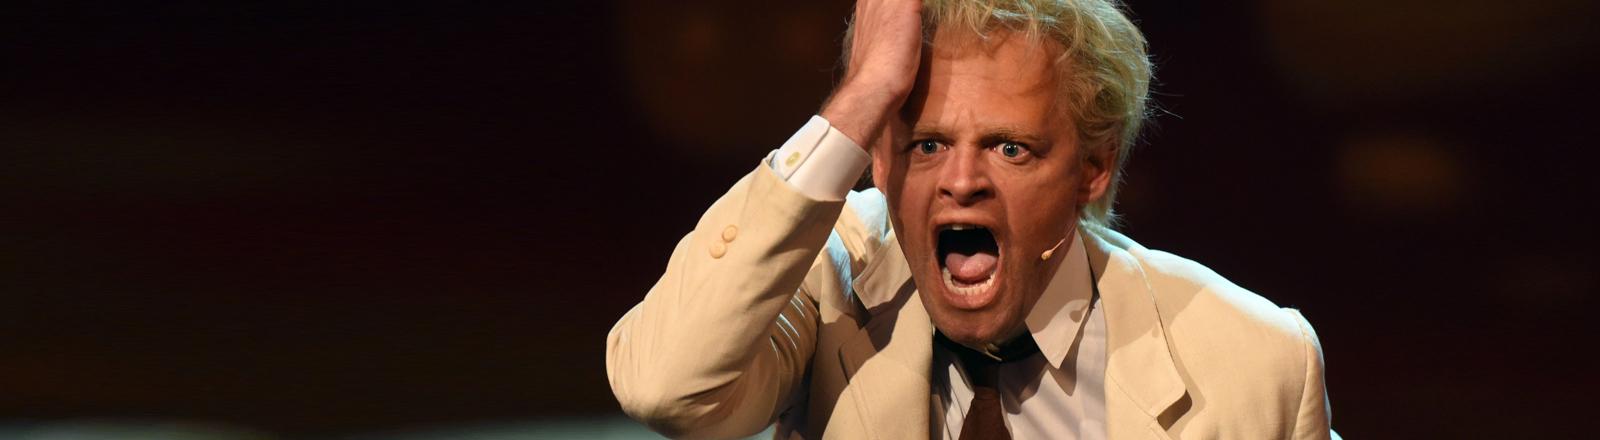 Der Komiker Max Giermann agiert am 20.10.2015 in Köln (Nordrhein-Westfalen) bei der Verleihung des Deutschen Comedypreises auf der Bühne.